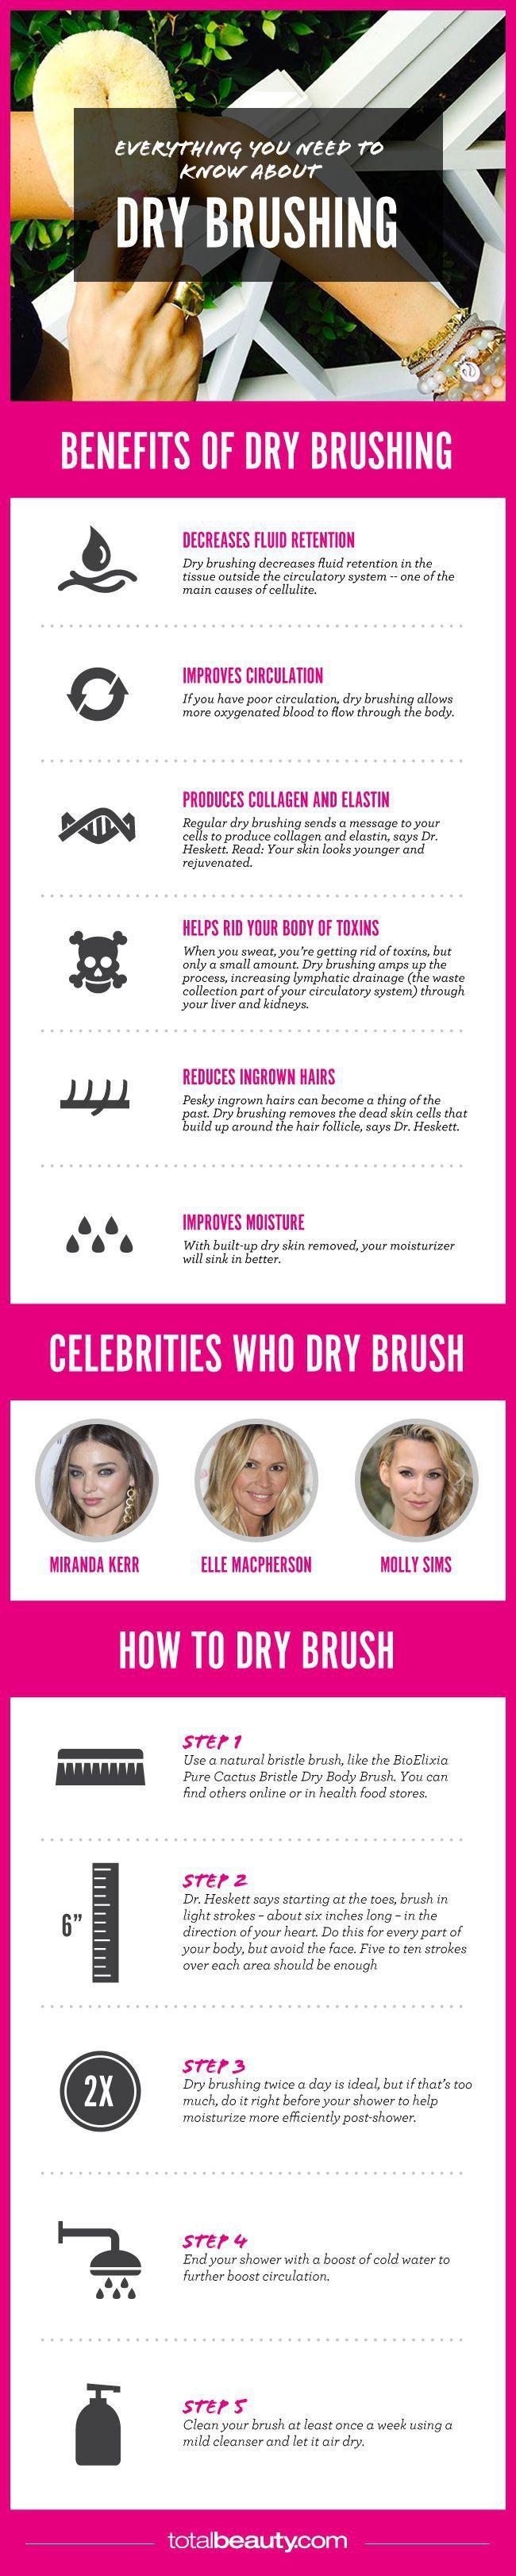 dry brushing infographic